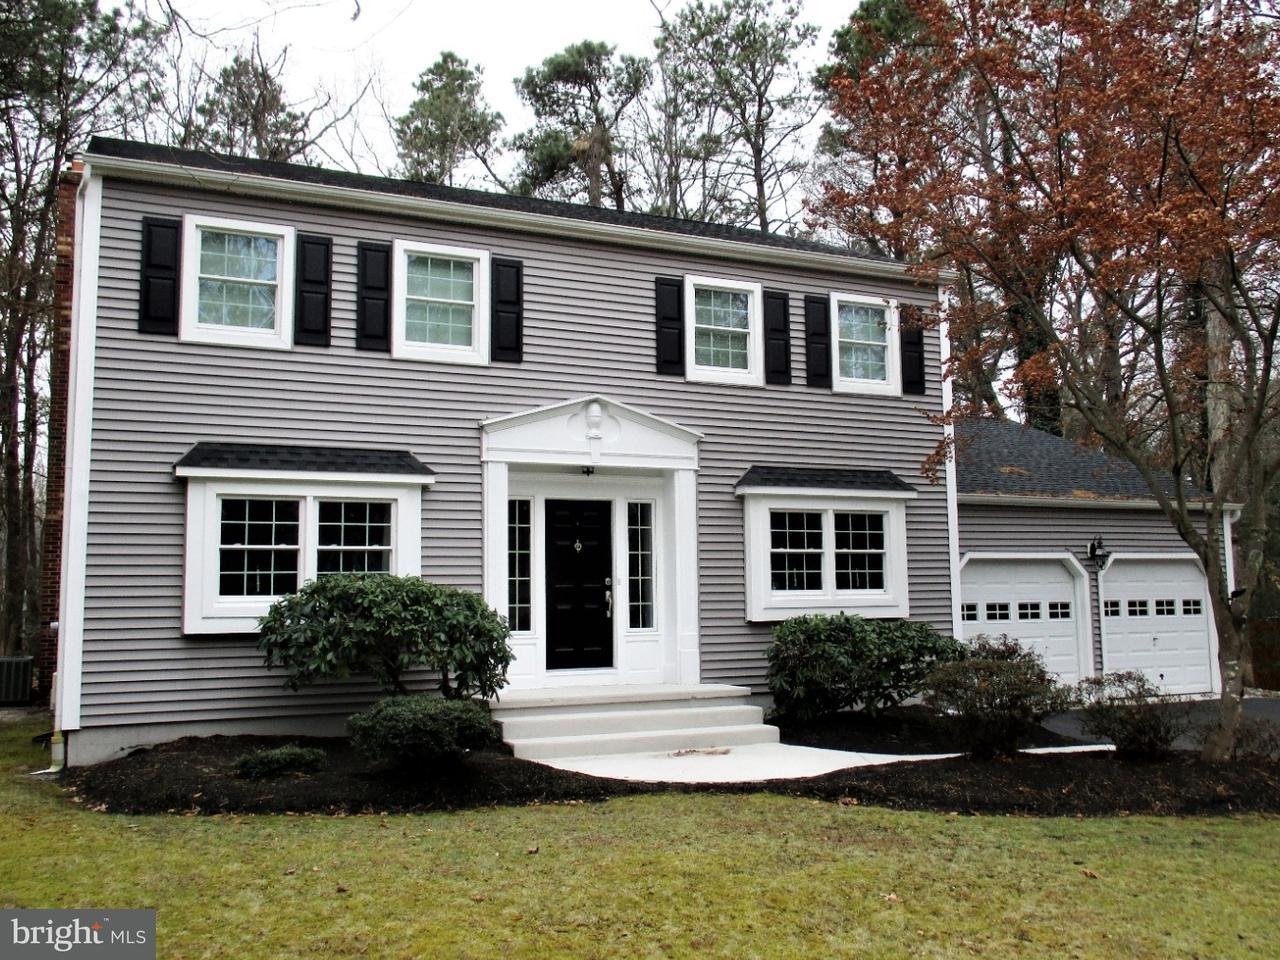 Maison unifamiliale pour l Vente à 4 HILL Court Medford Township, New Jersey 08055 États-Unis